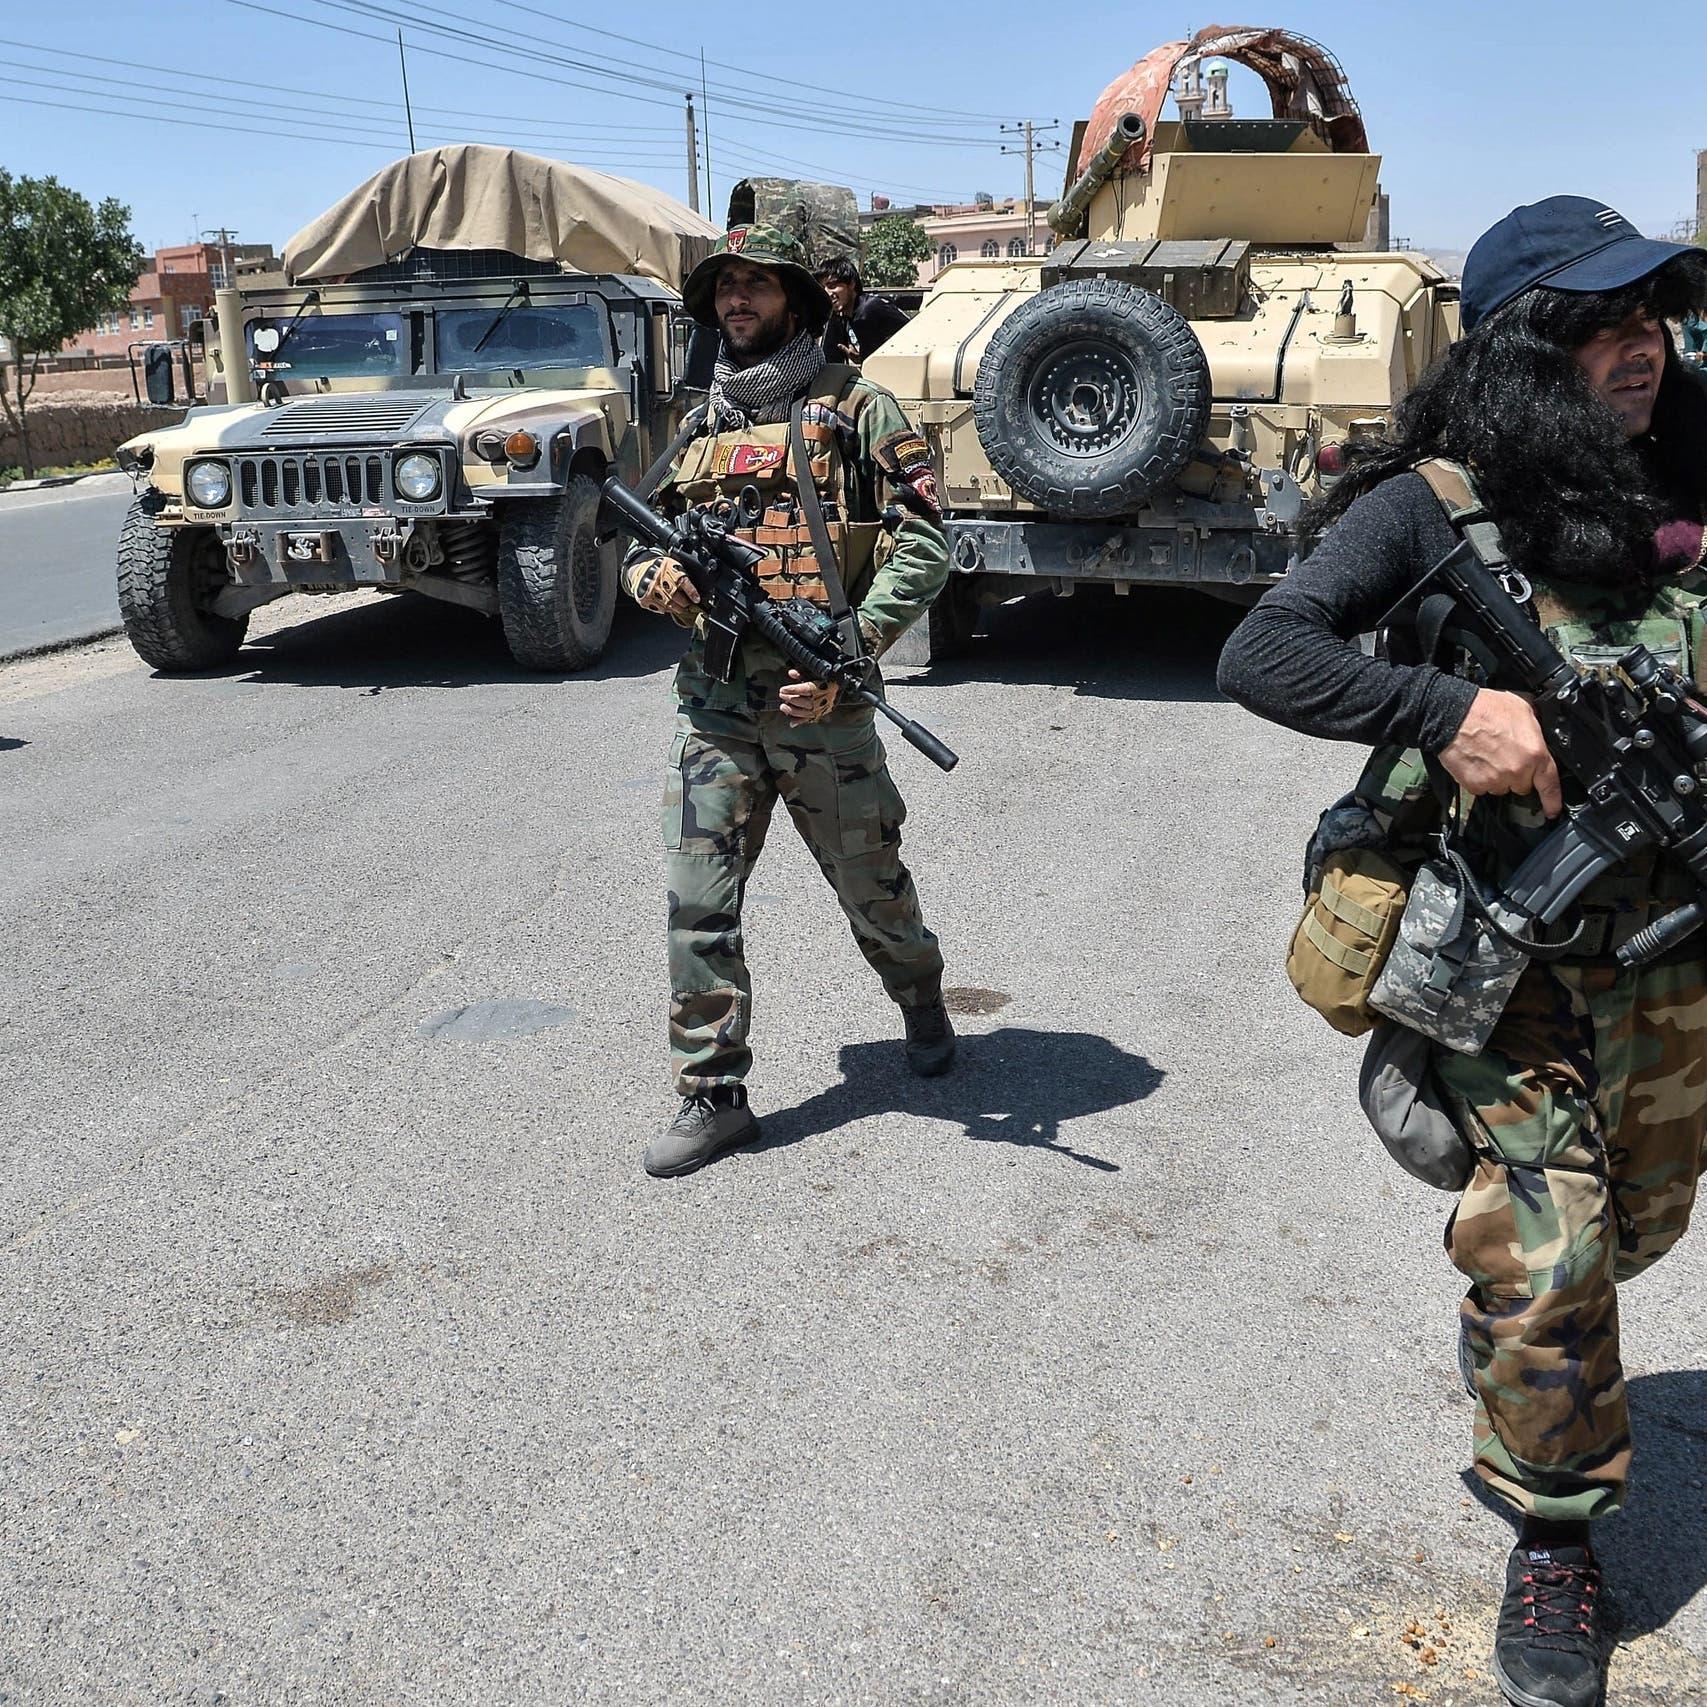 الرئيس الأفغاني: سنسلح المدنيين لمواجهة حركة طالبان